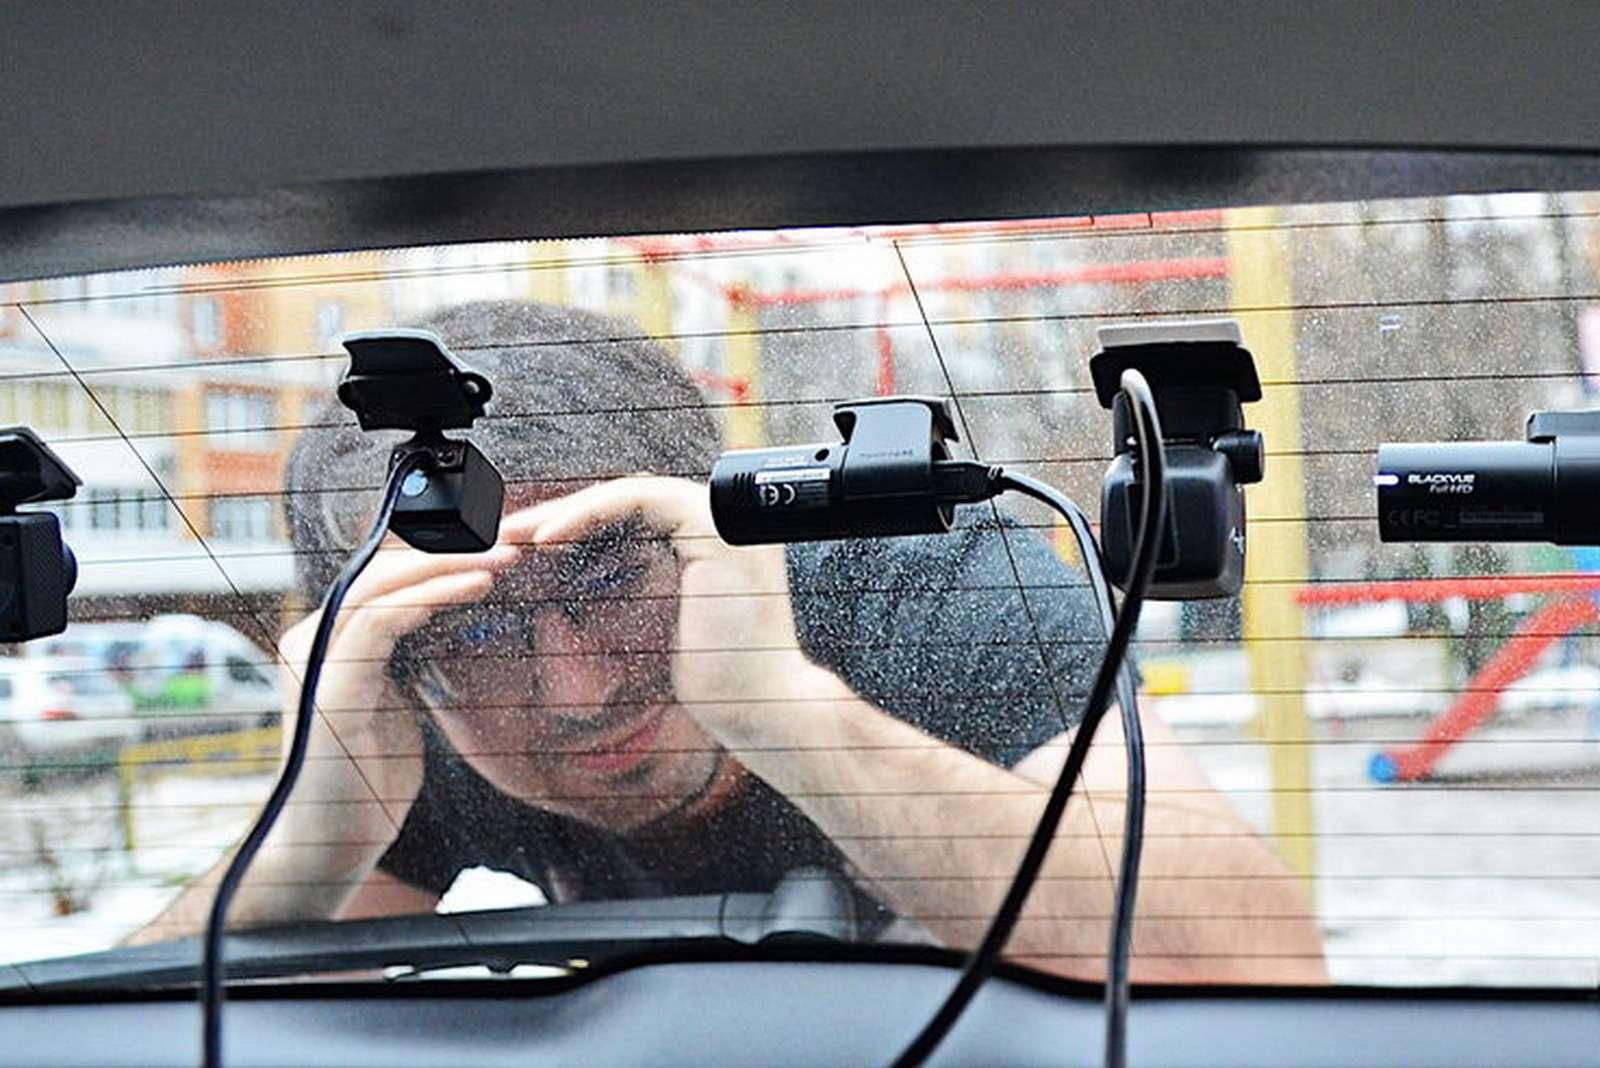 Смартфон или видеорегистратор— что использовать длясъемки? Тест ЗР— фото 916454